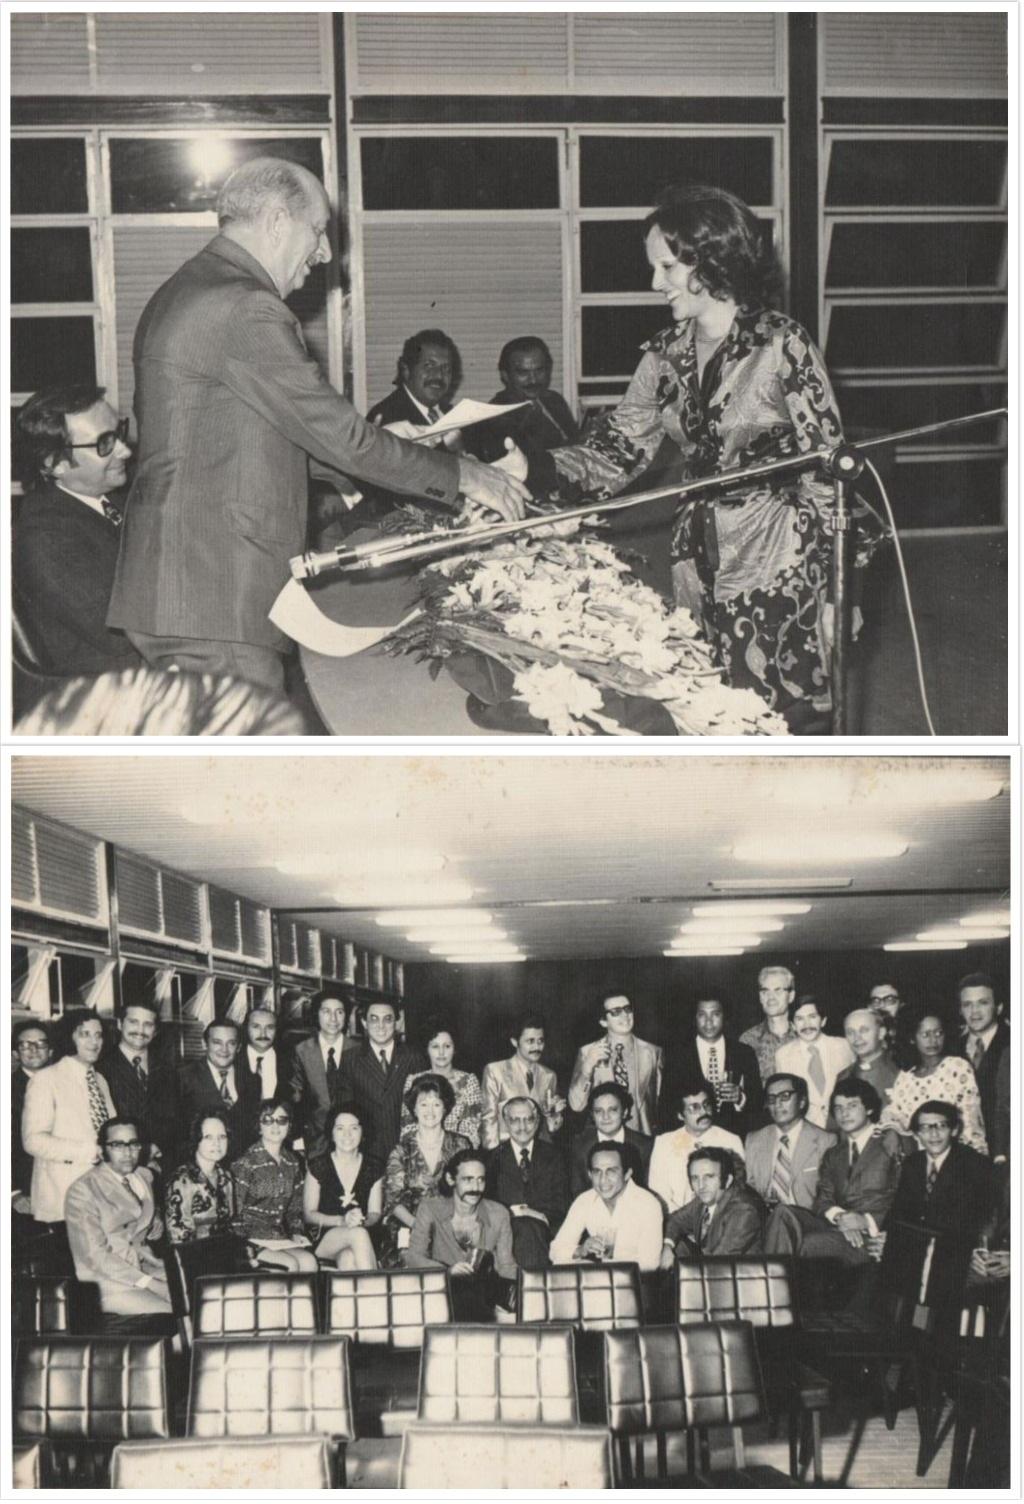 Foto Formatura Primeira Turma FIPAM, na imagem destaca-se Profª Maria Elvira (ICSA) recebendo o diploma.